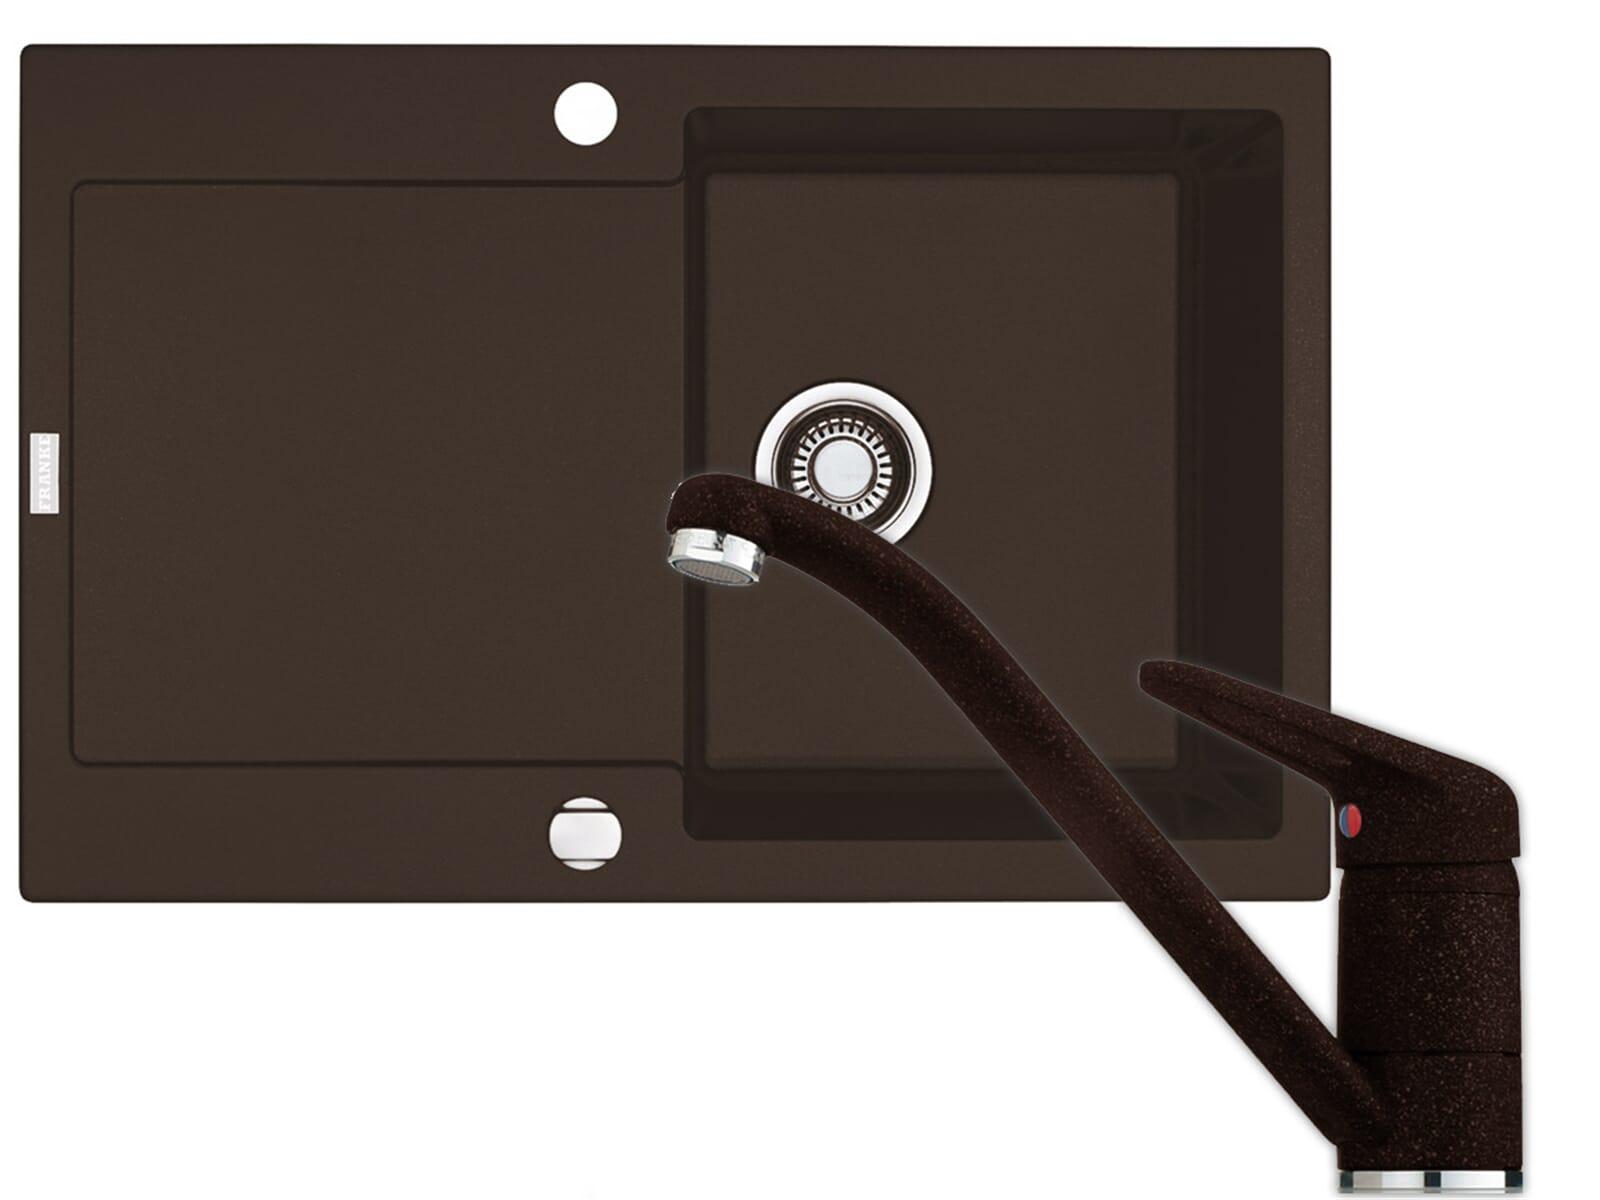 set franke fragranit sp le maris mrg 611 armatur 750. Black Bedroom Furniture Sets. Home Design Ideas